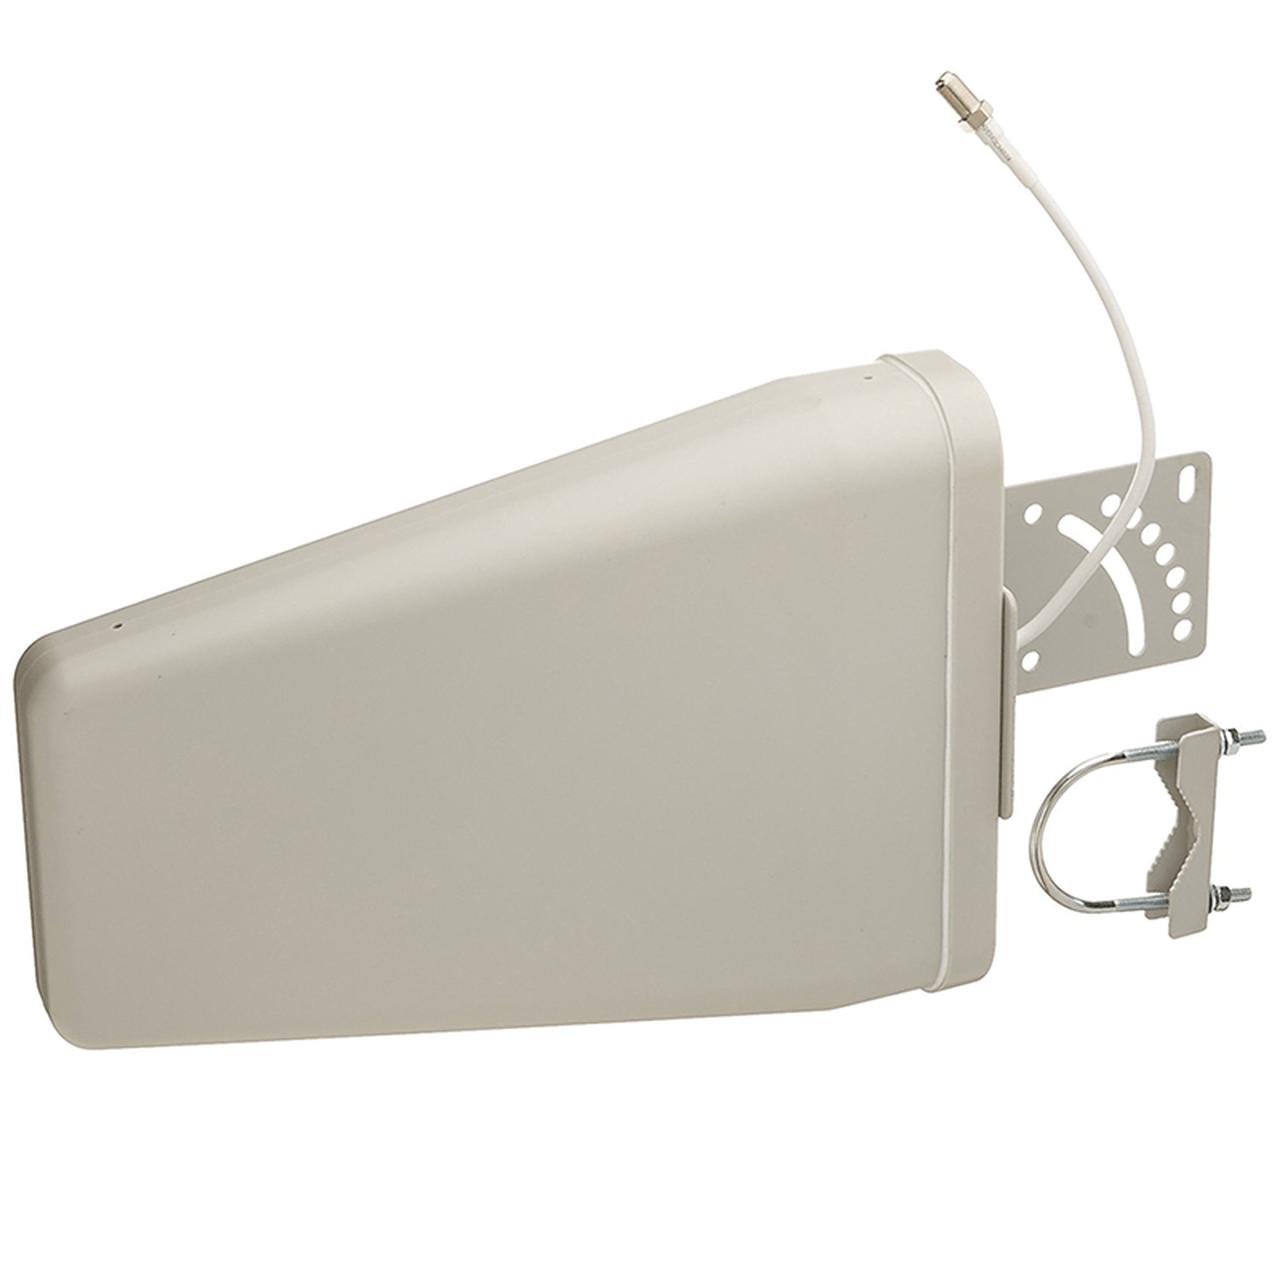 wilson-yagi-antenna-314475